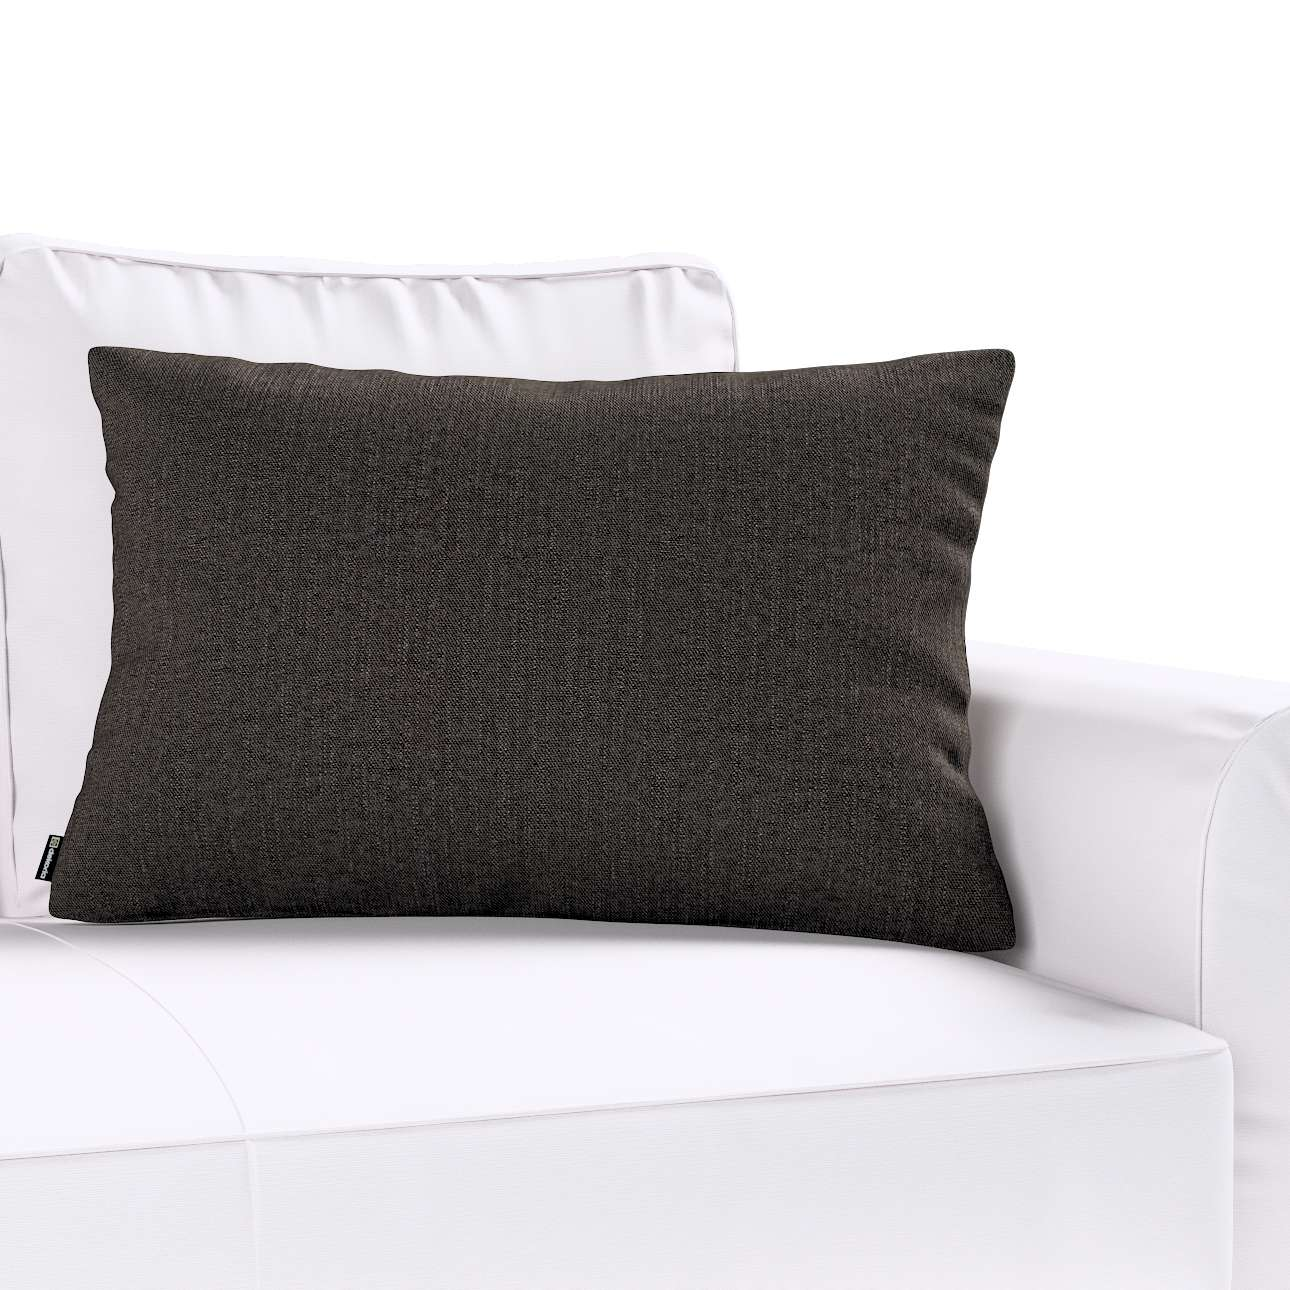 Poszewka Kinga na poduszkę prostokątną w kolekcji Etna, tkanina: 702-36